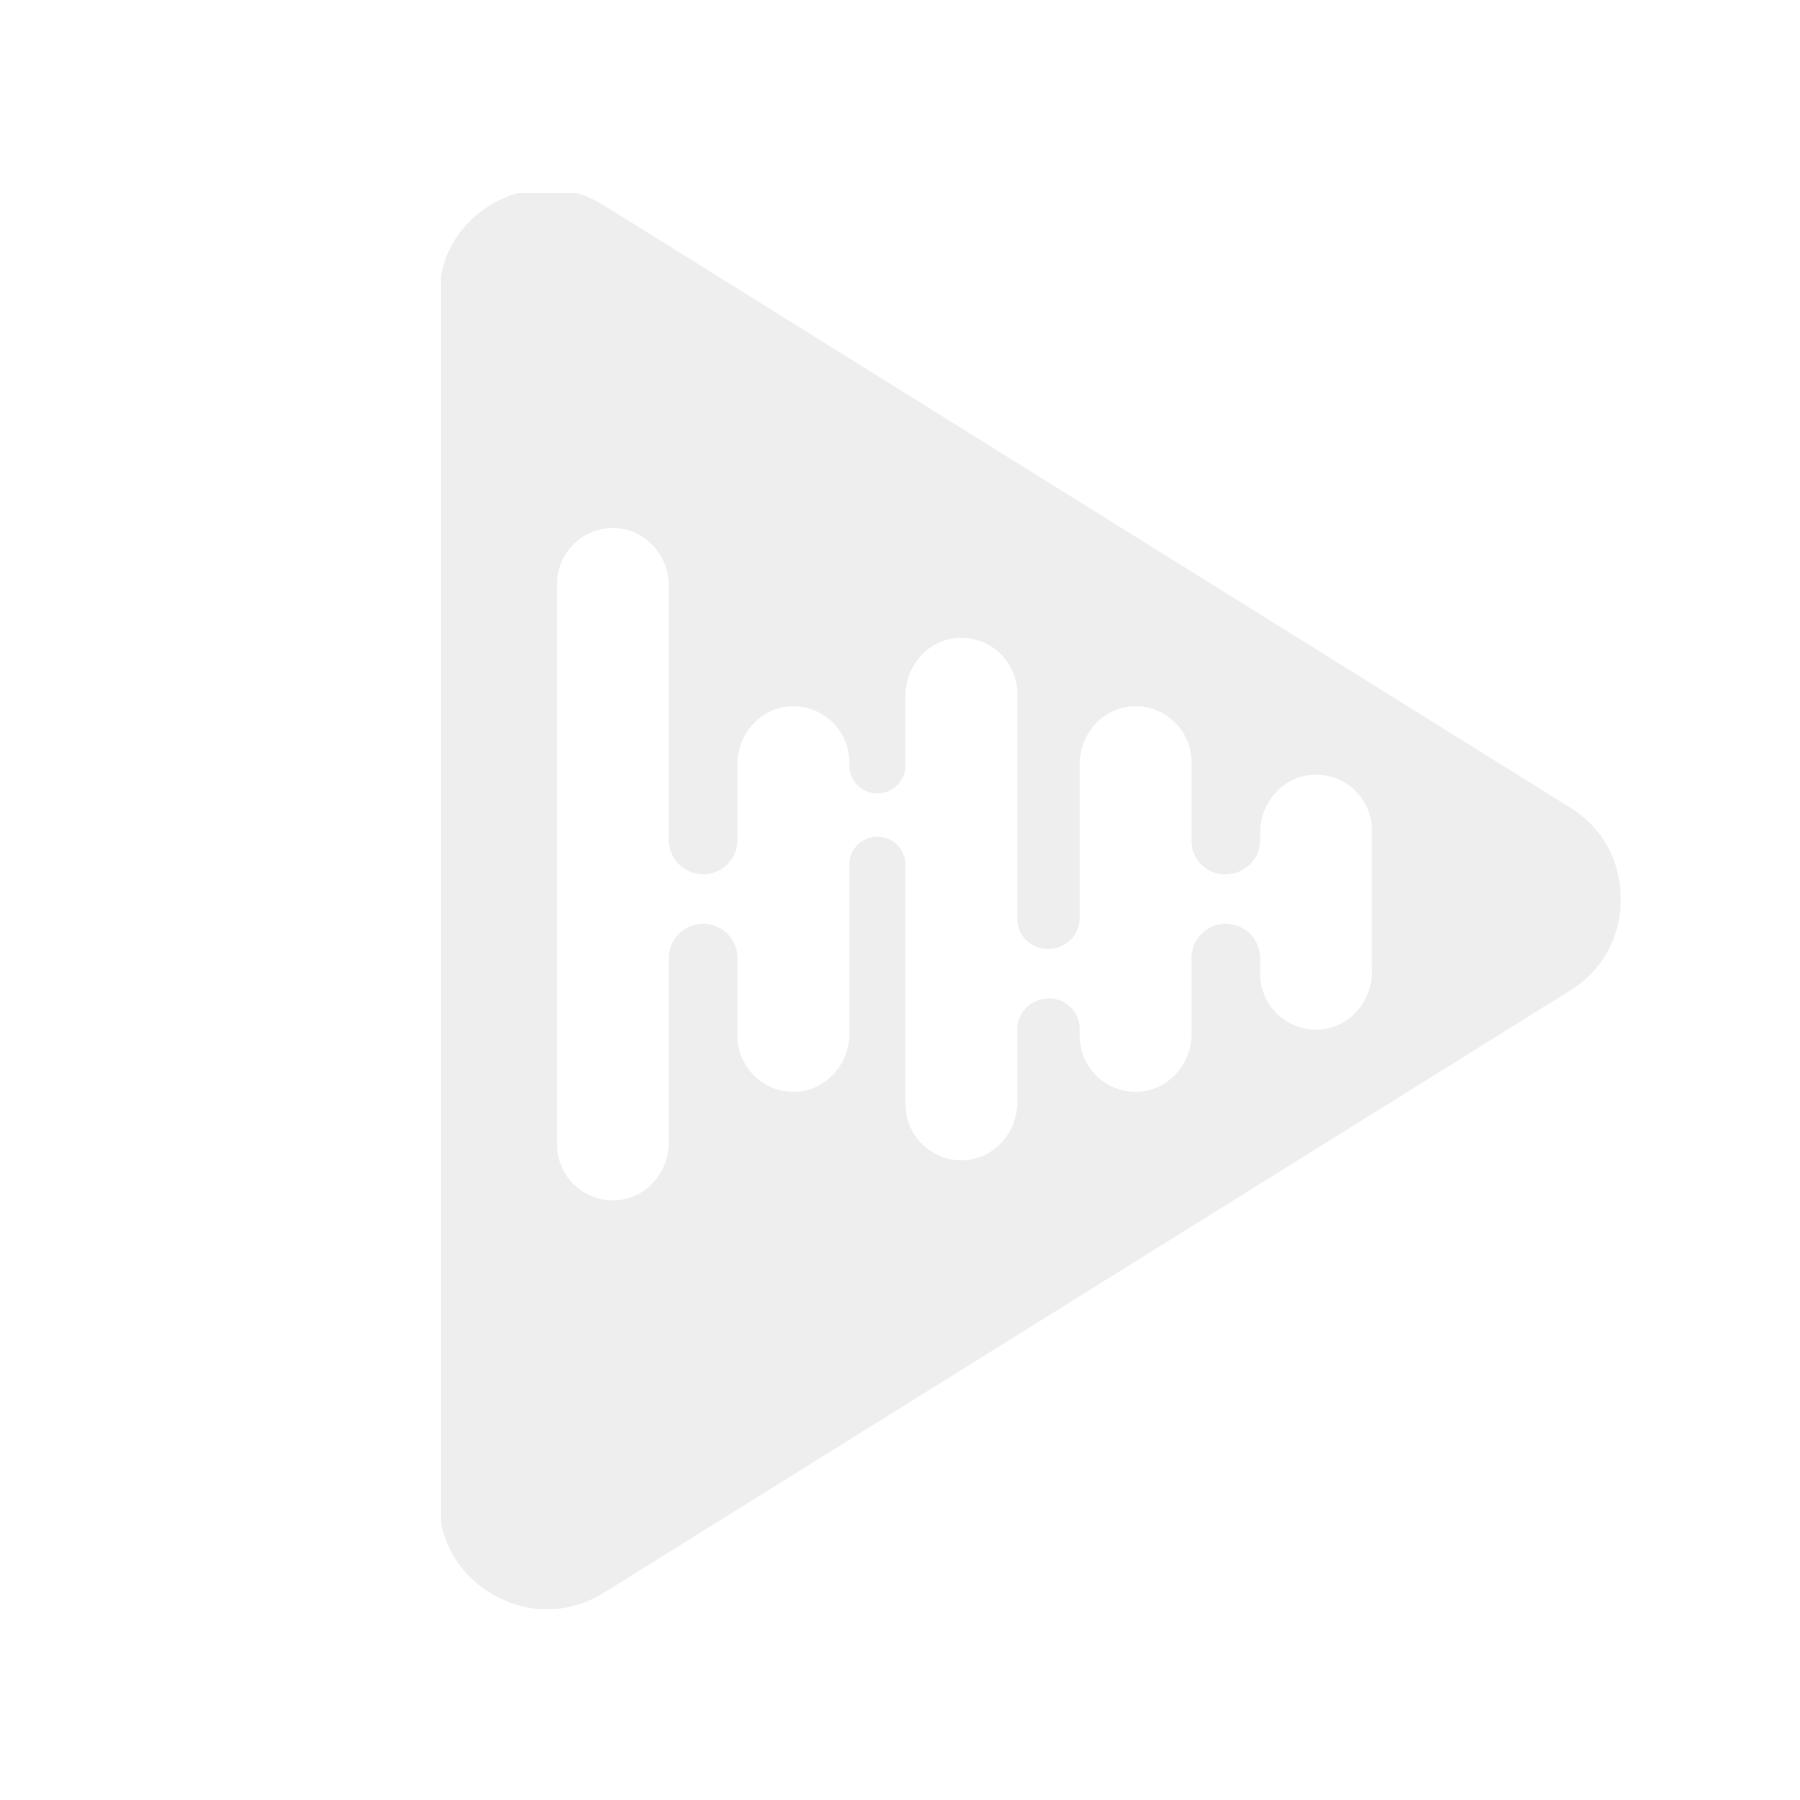 Hertz Mille Legend MLK 163.3 - 3-veis 6,5